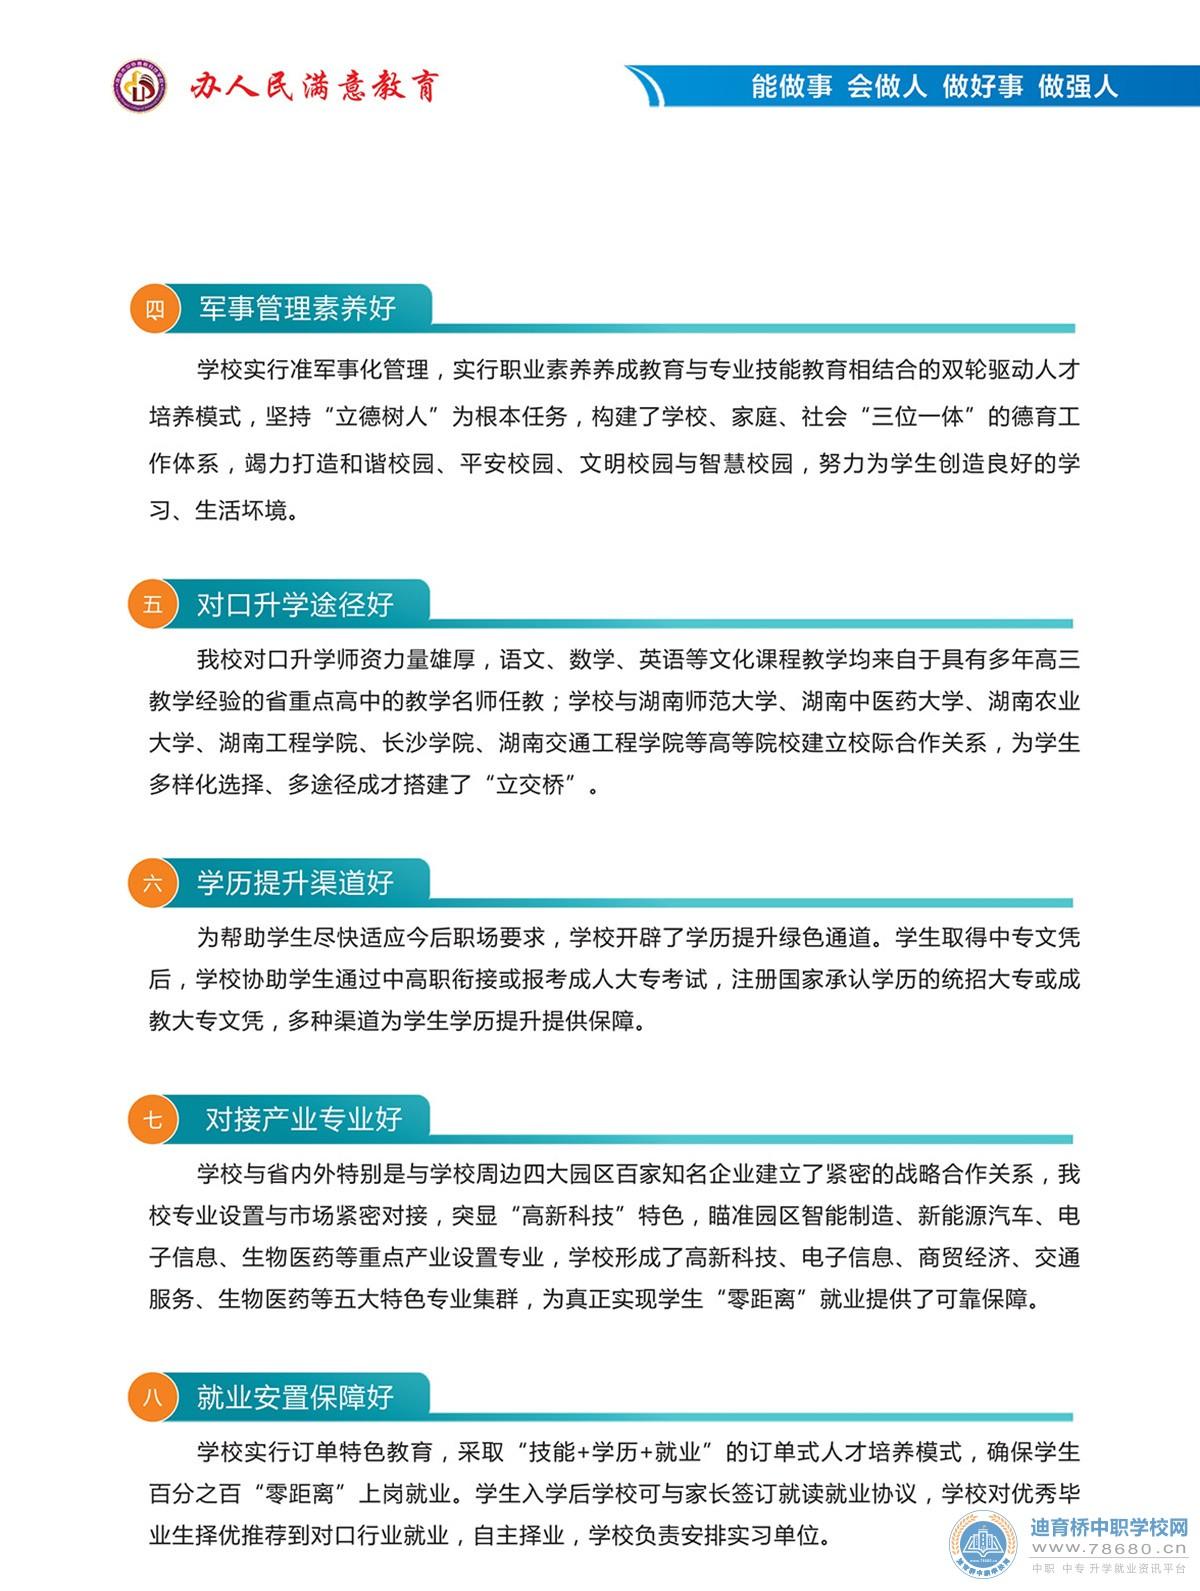 浏阳市中协高新科技学校2021年招生简章